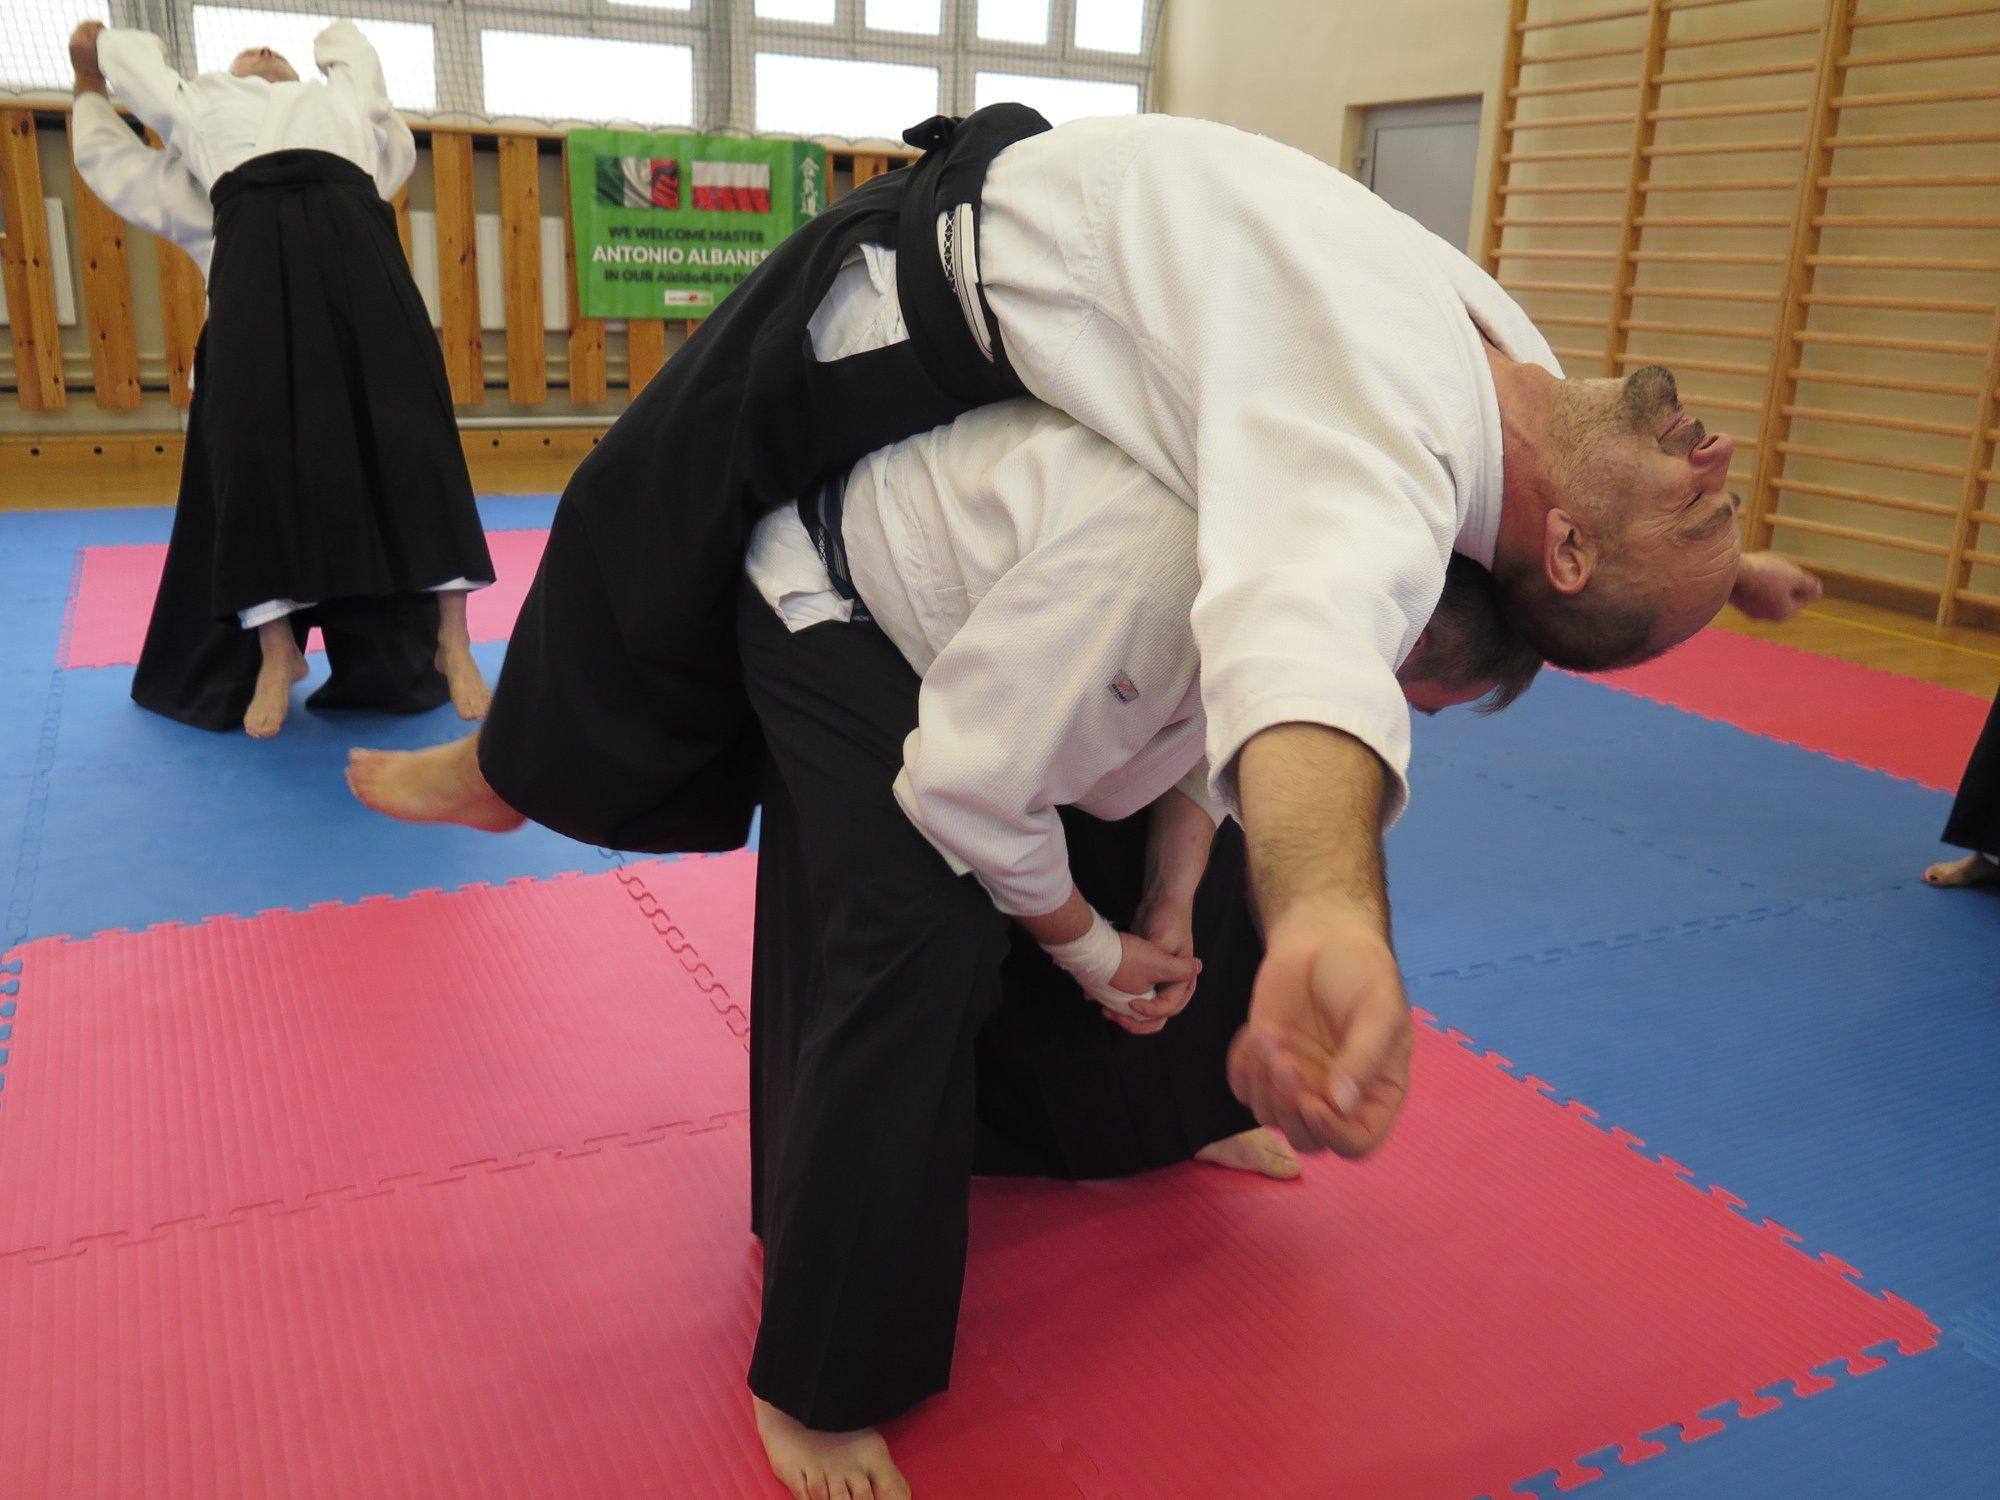 Staż z Antonio Albanese Shihan Super Aikido Lublin Dojo Nałkowskich (15)